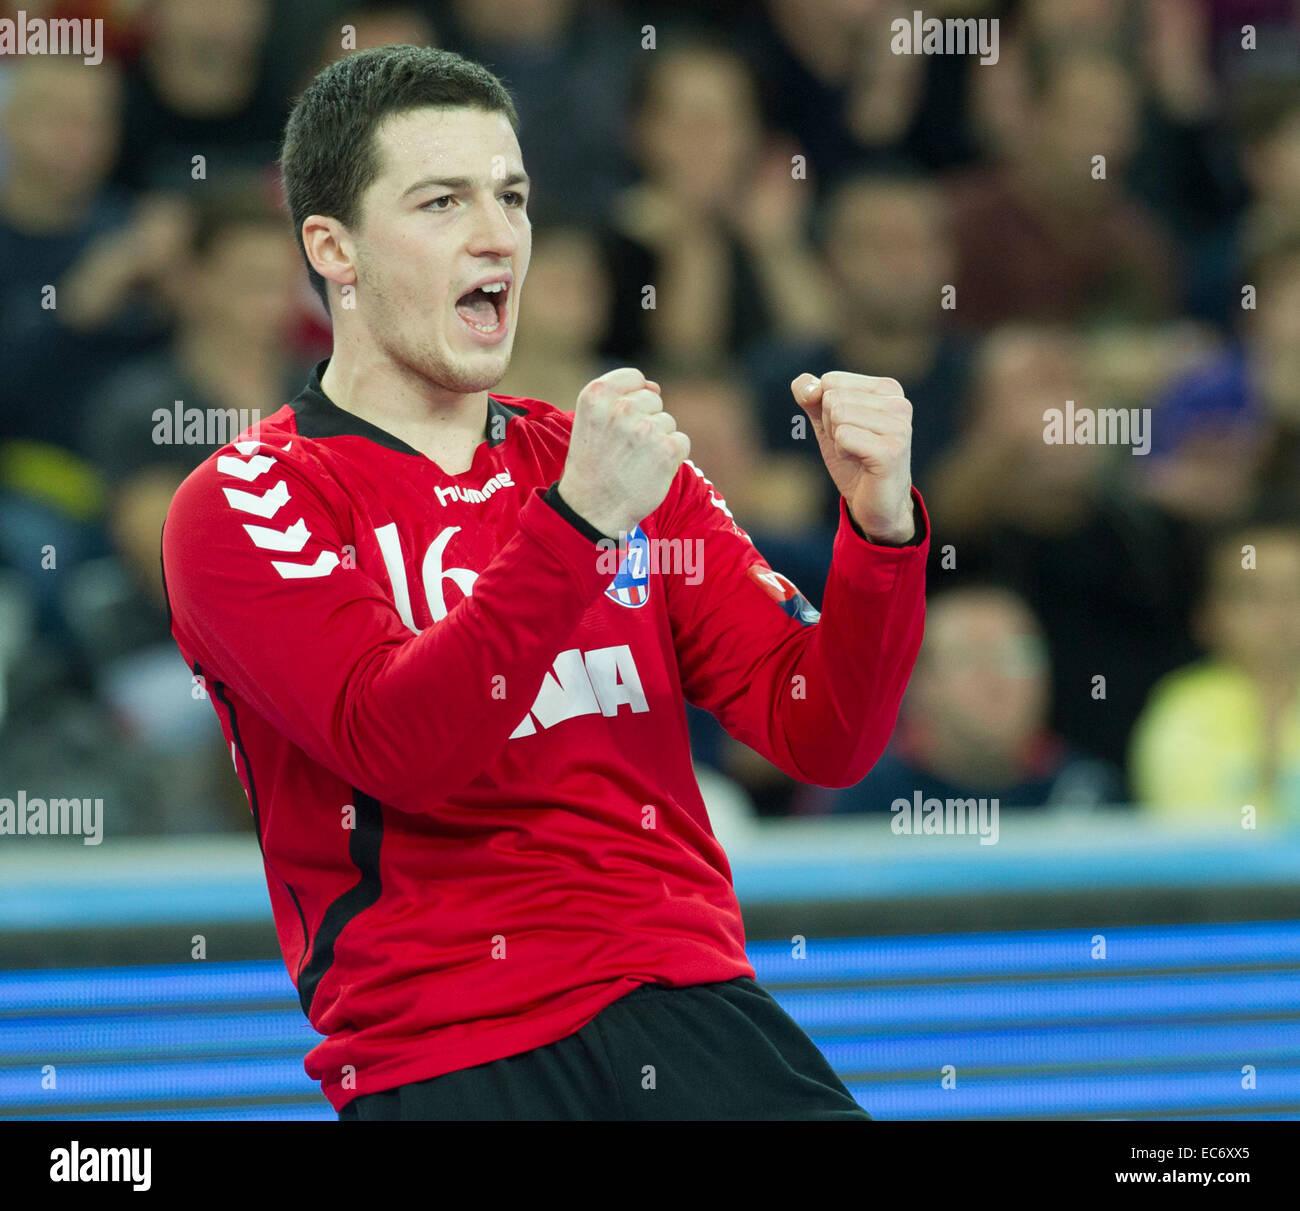 Zagreb Croatia 9th Dec 2014 Goalkeeper Filip Ivic Of Ppd Zagreb Stock Photo Alamy